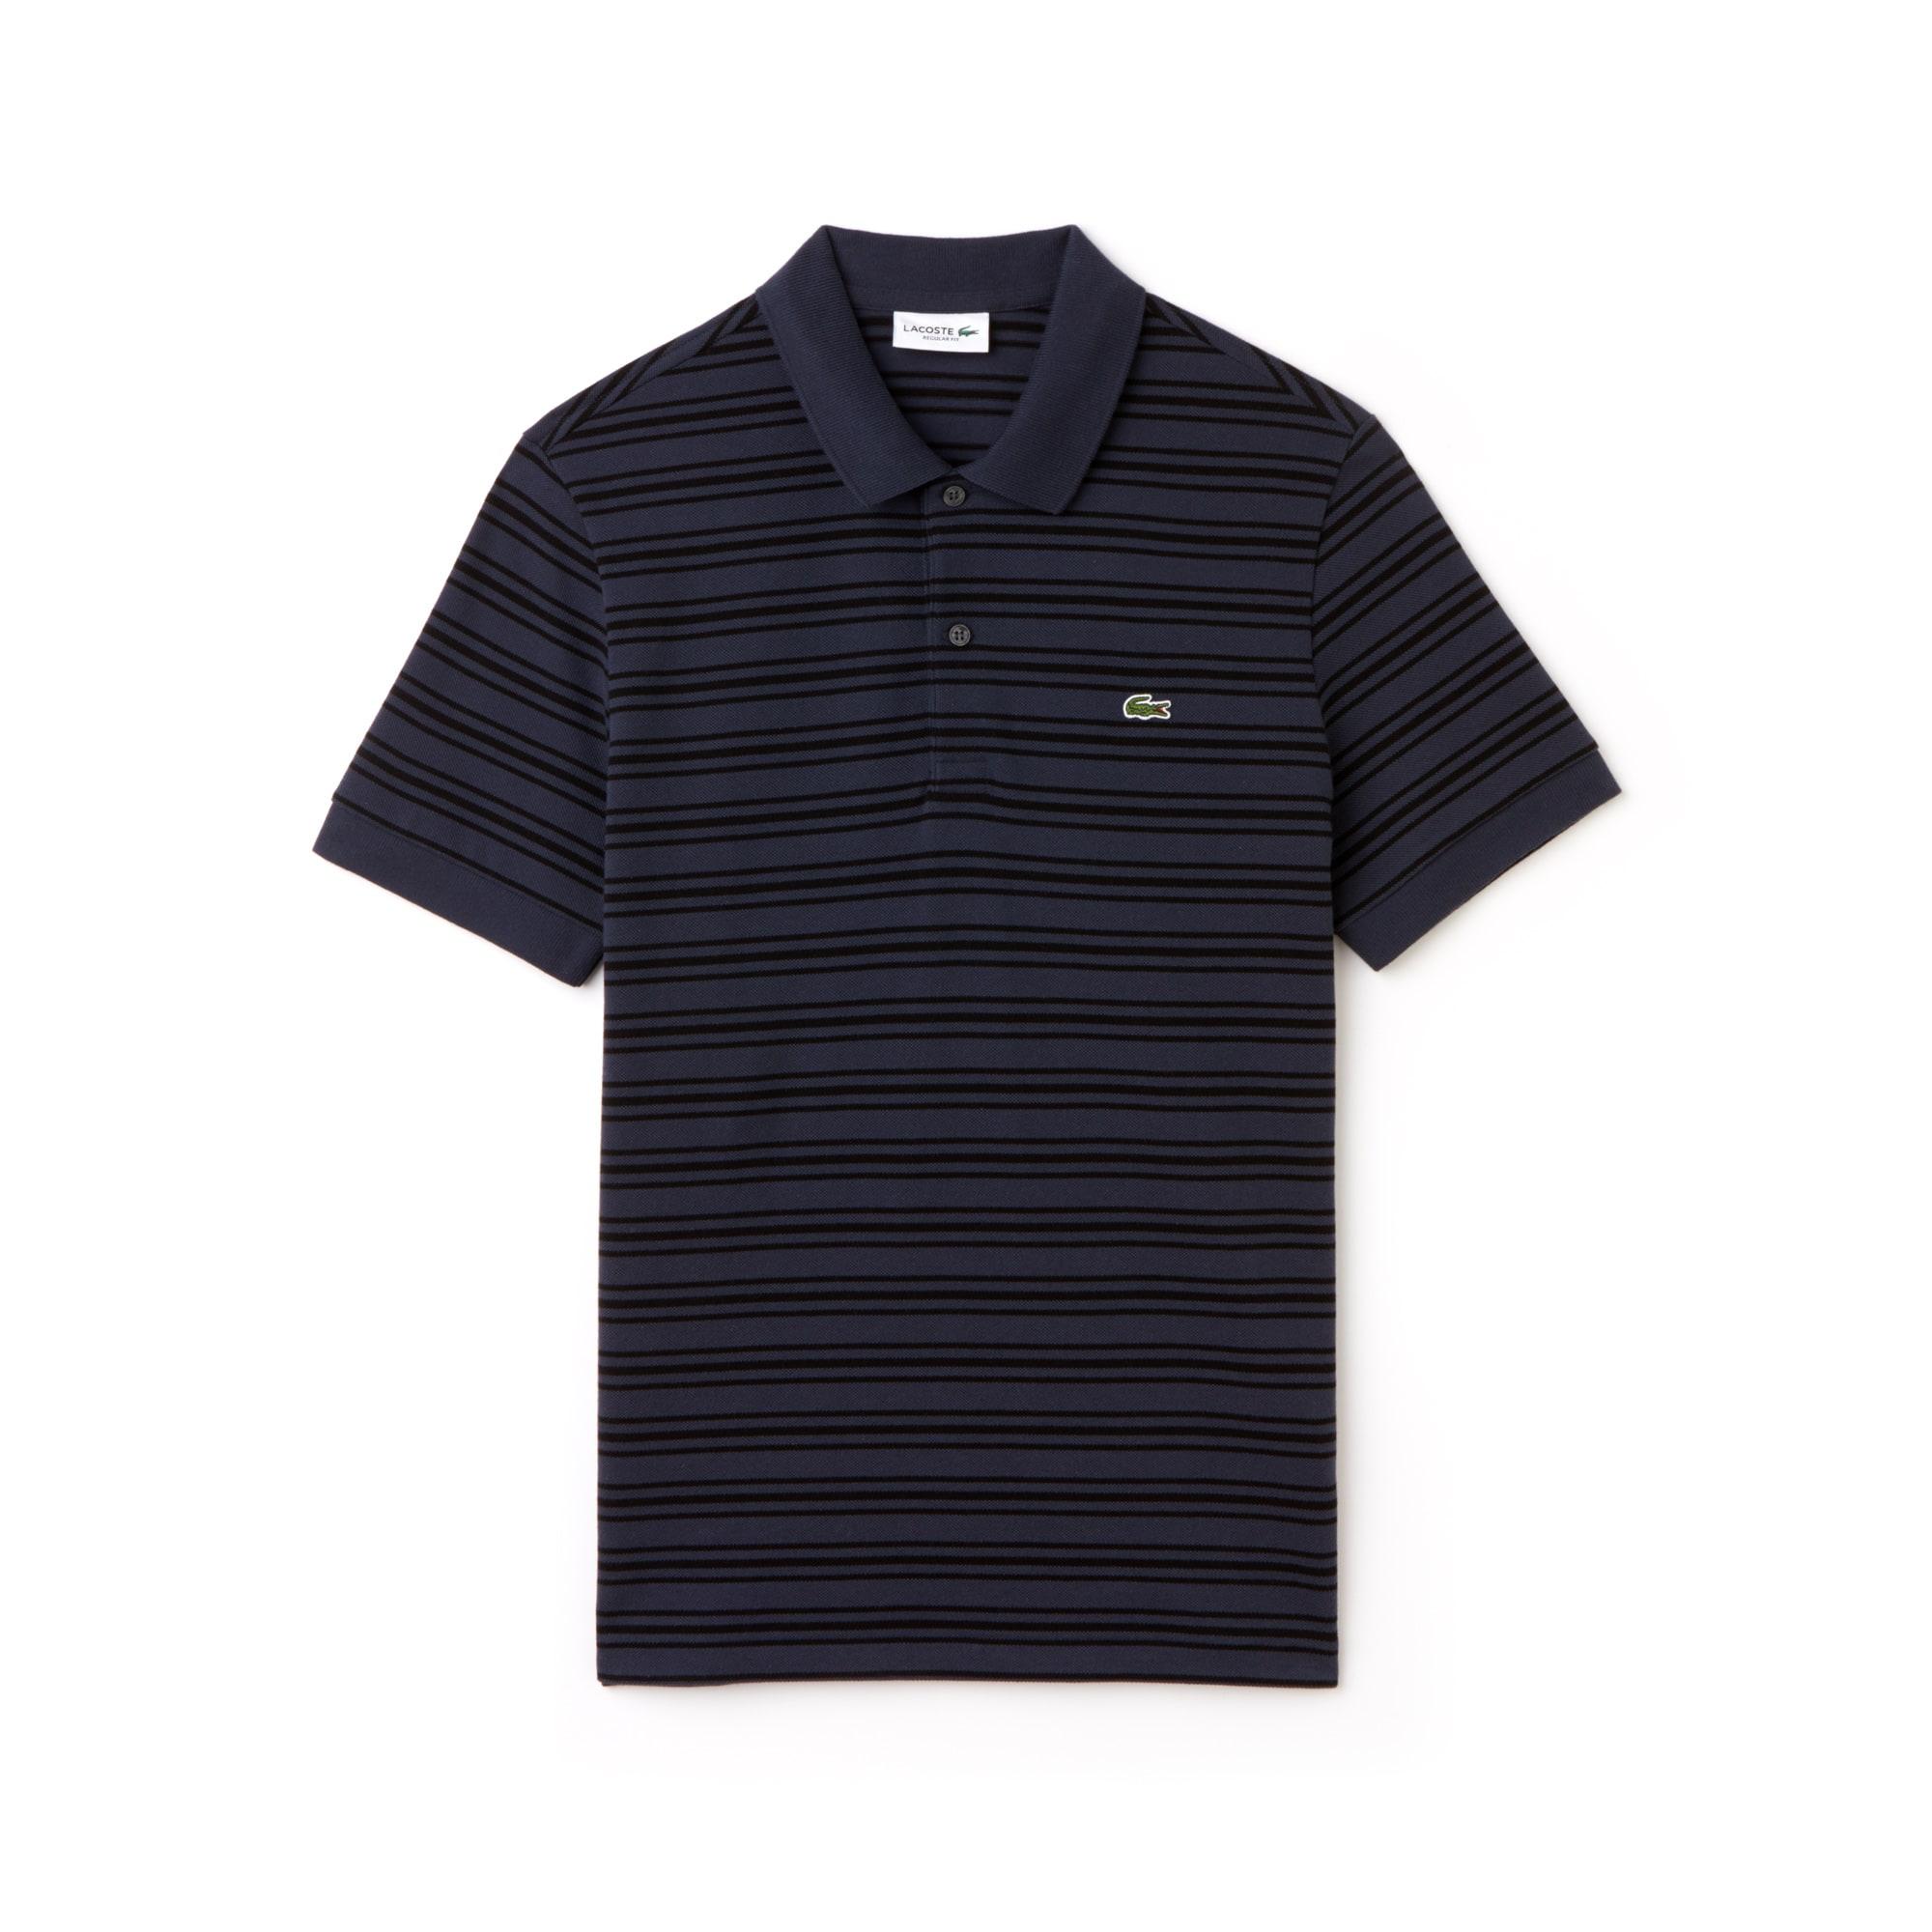 라코스테 Lacoste Mens Regular Fit Striped Cotton Petit Pique Polo,meridian blue/black